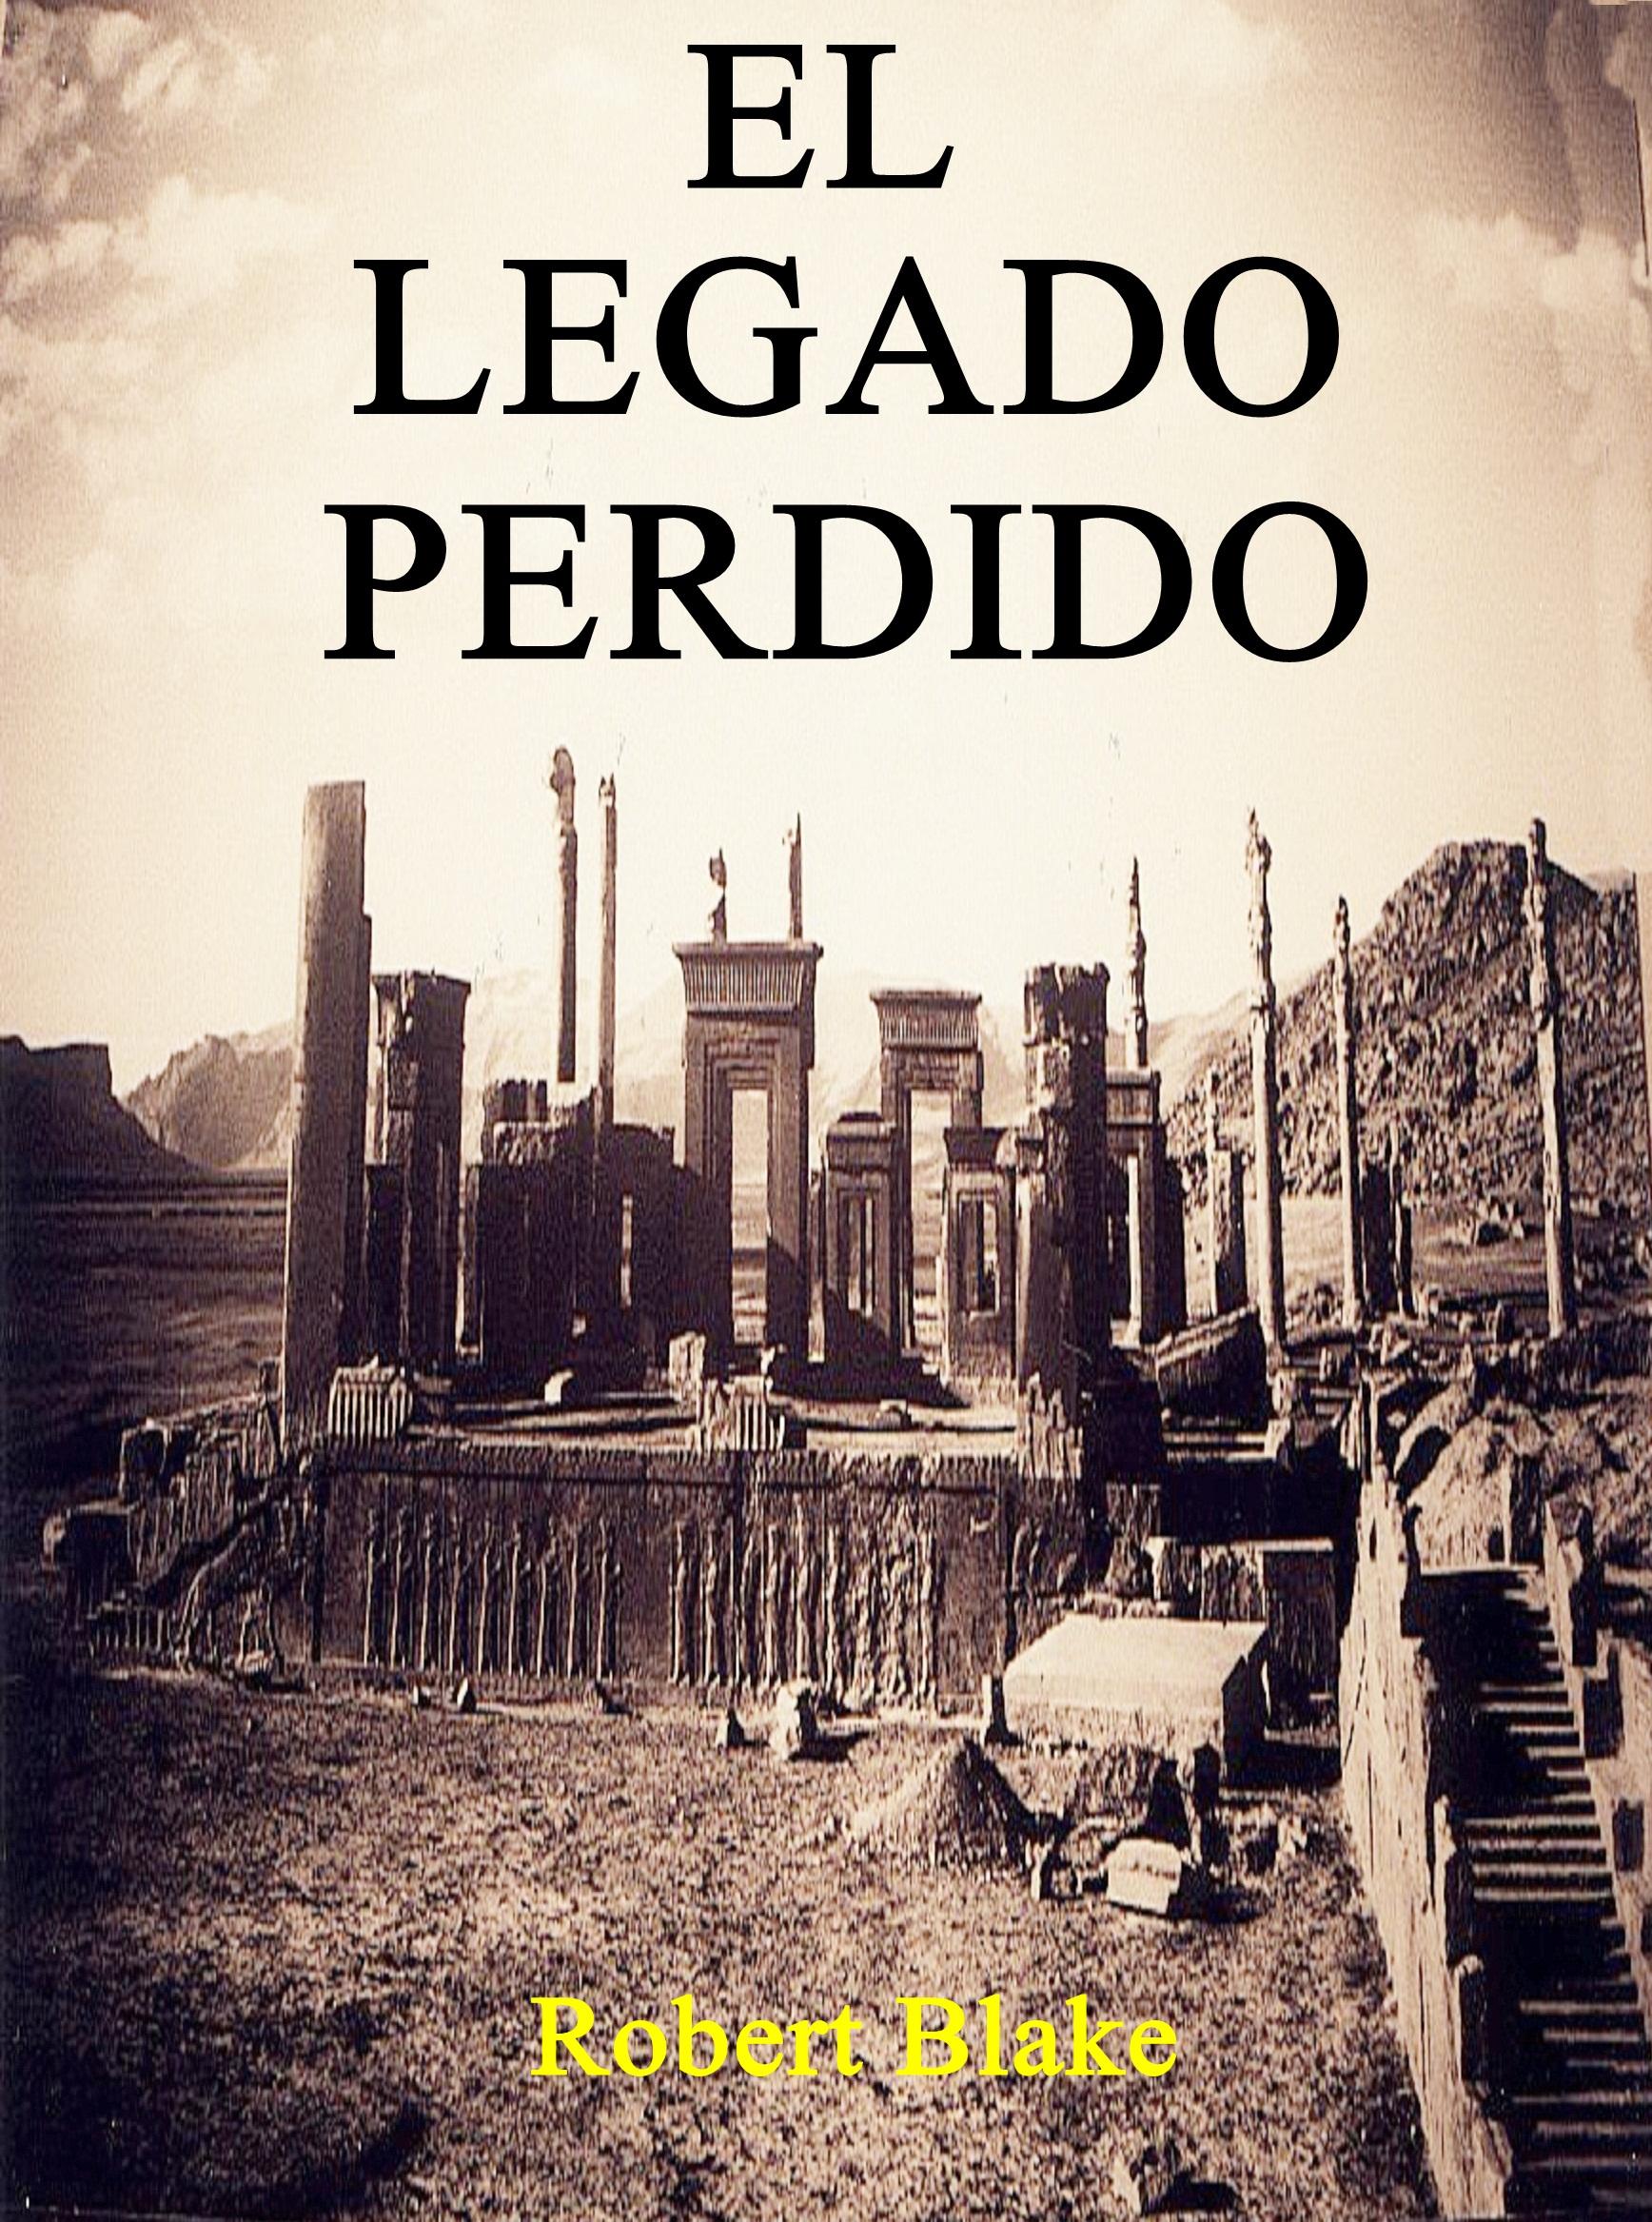 El legado perdido